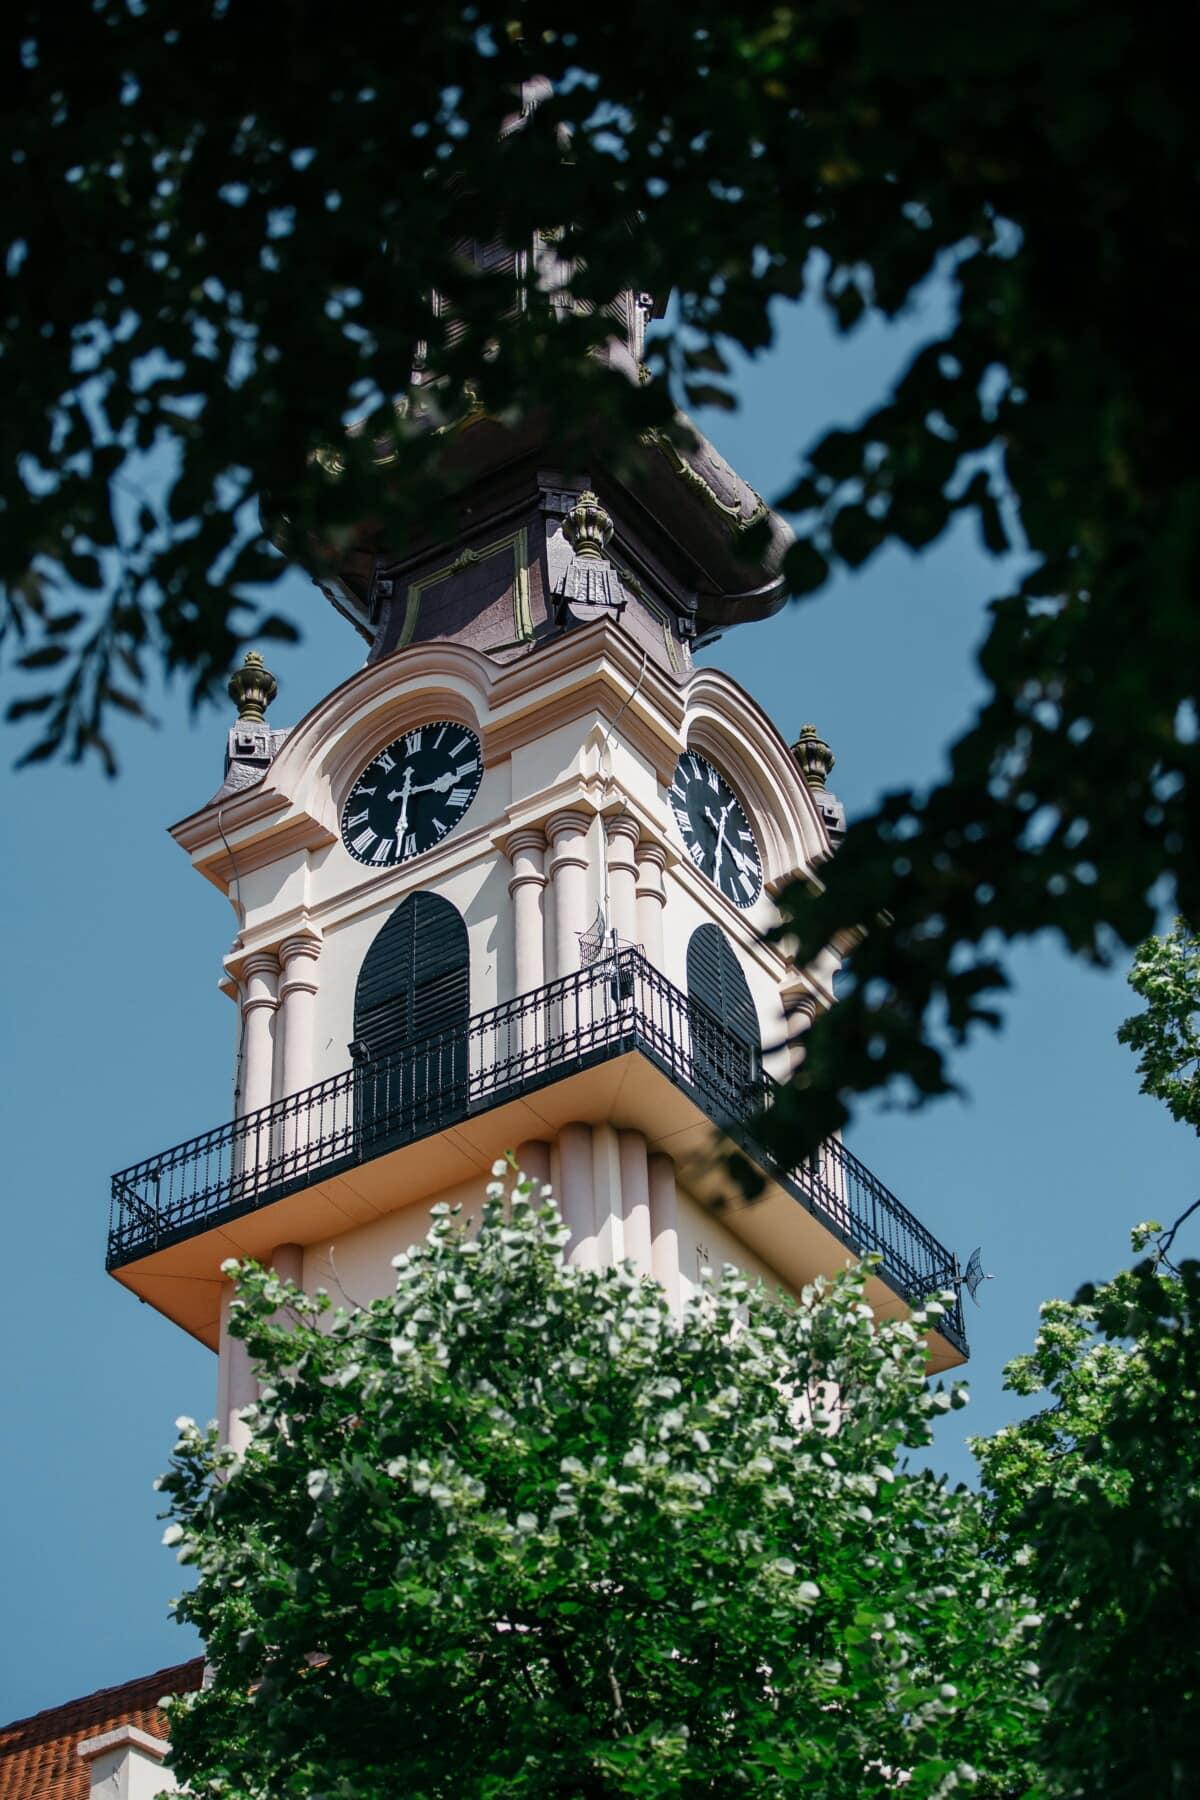 crkveni toranj, pravoslavlje, terasa, analogni sat, balkon, ukras, barok, religija, arhitektura, crkva